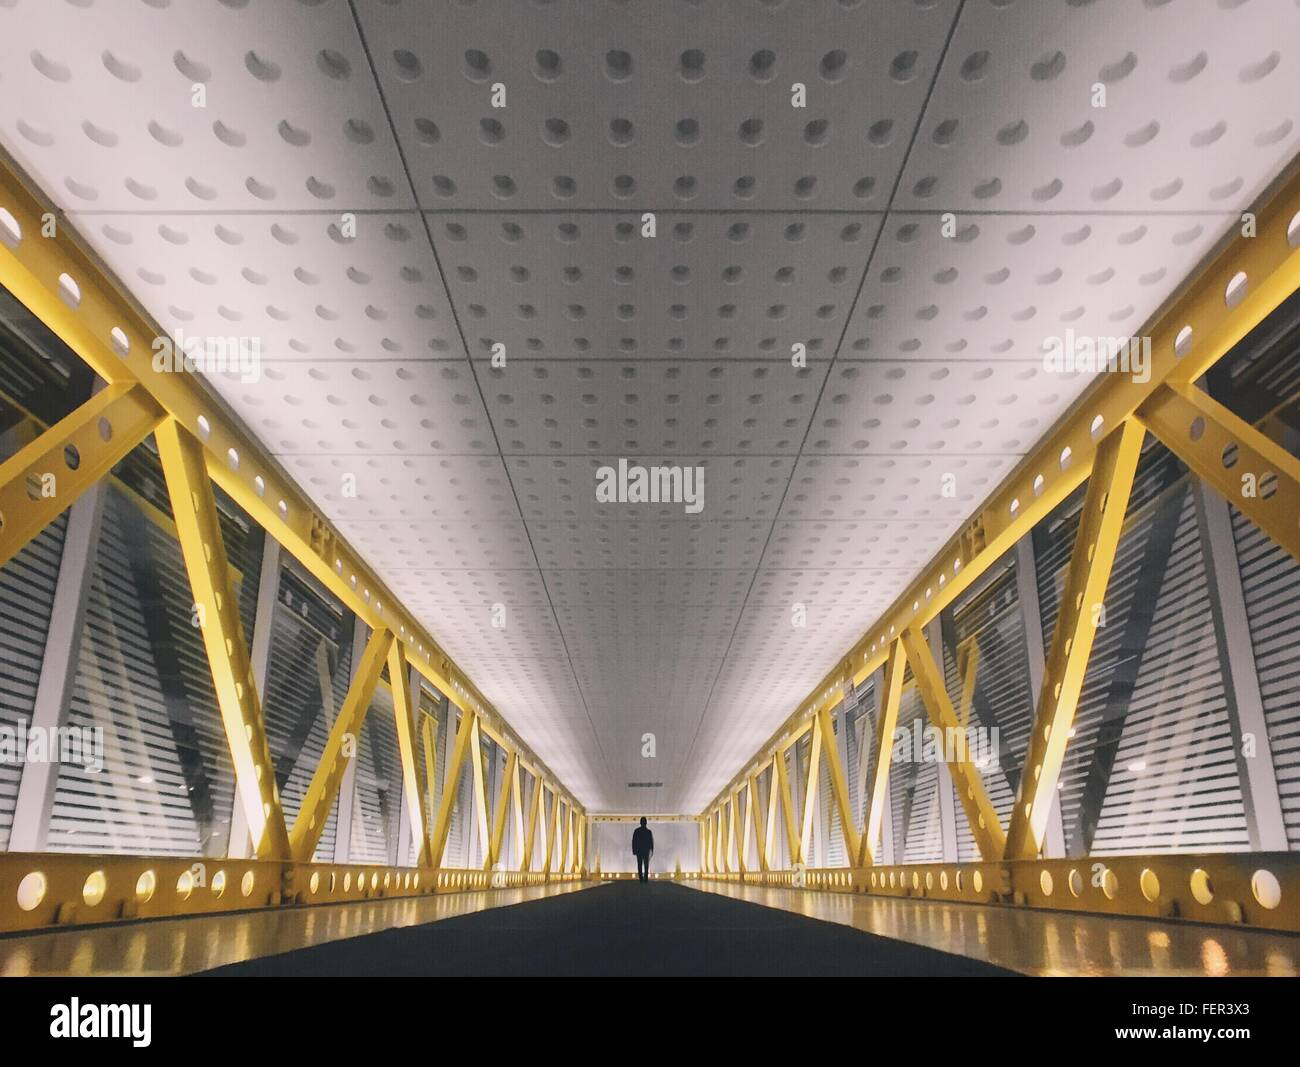 Ferne Silhouette Fußgänger auf Brücke Stockbild